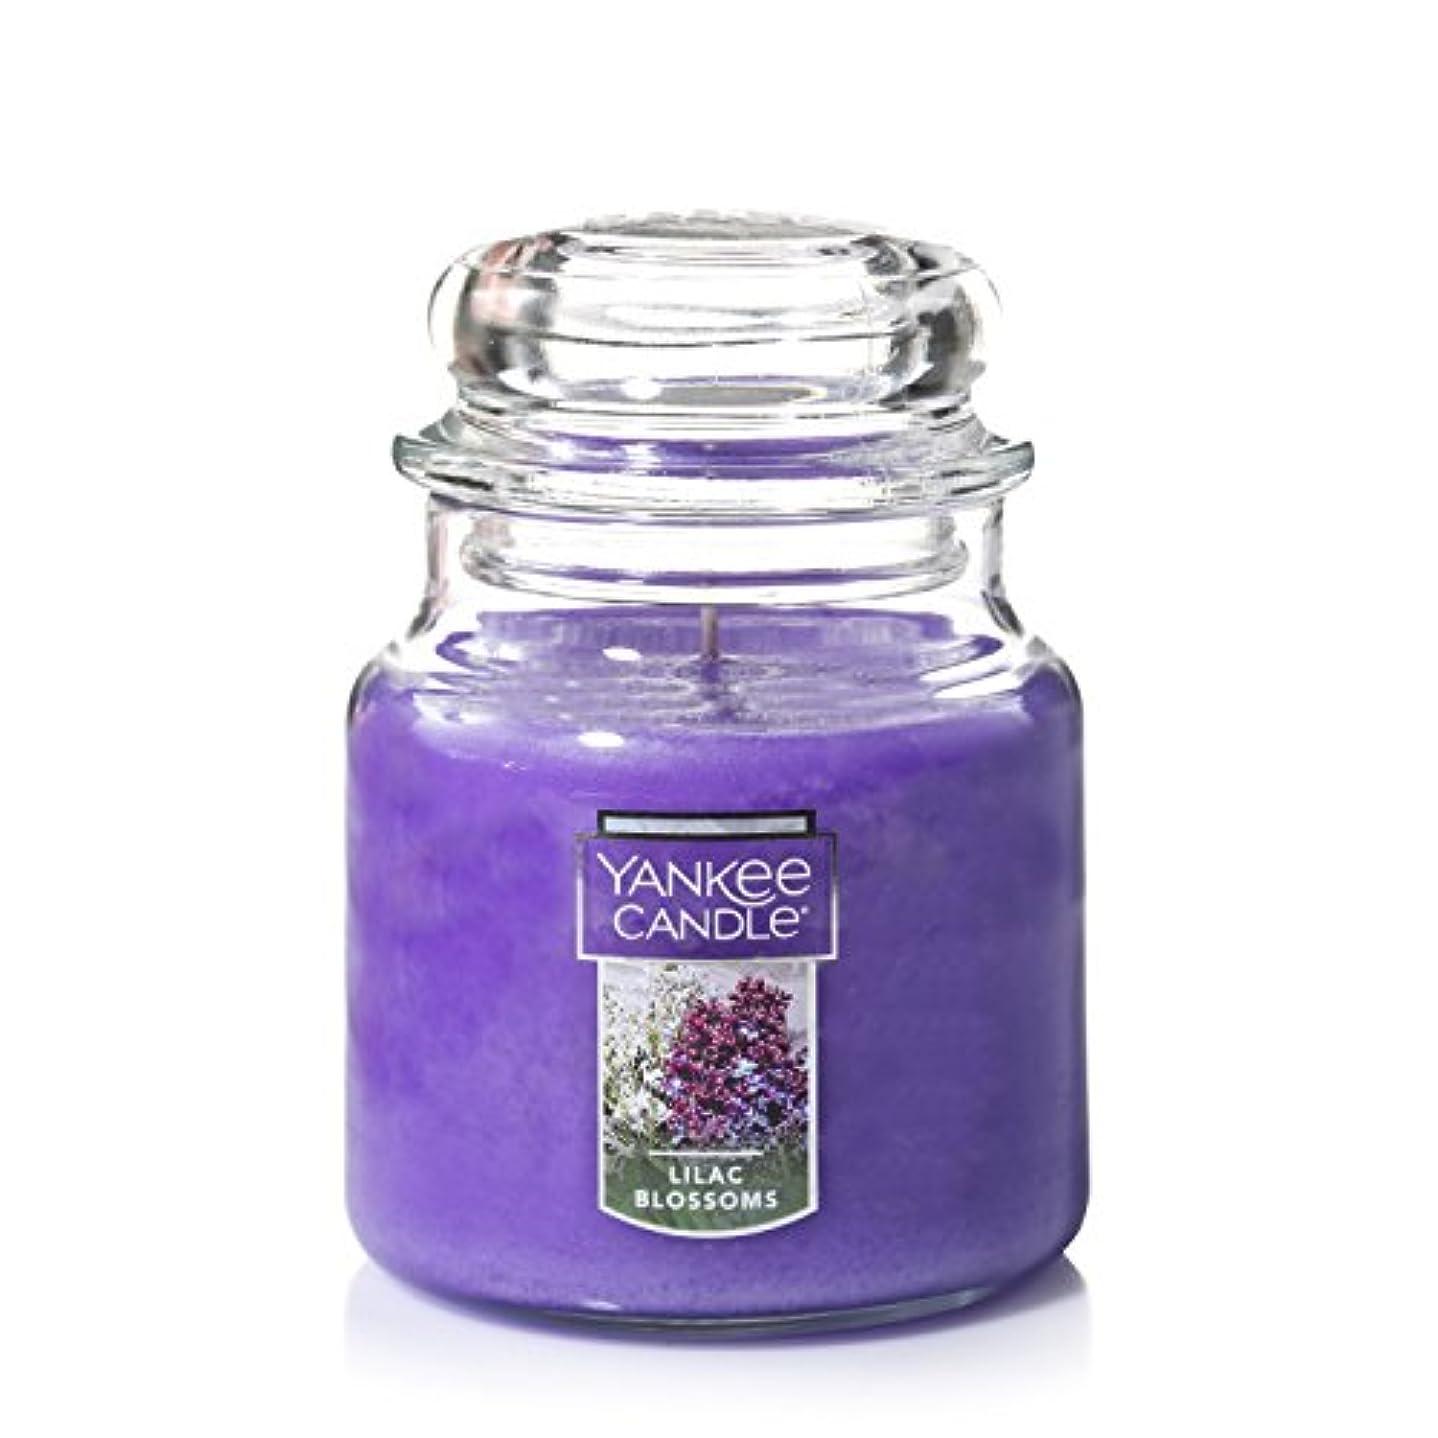 マイクロプロセッサパキスタン人立法Yankee CandleライラックBlossoms Medium Jar 14.5oz Candle One パープル 1006996